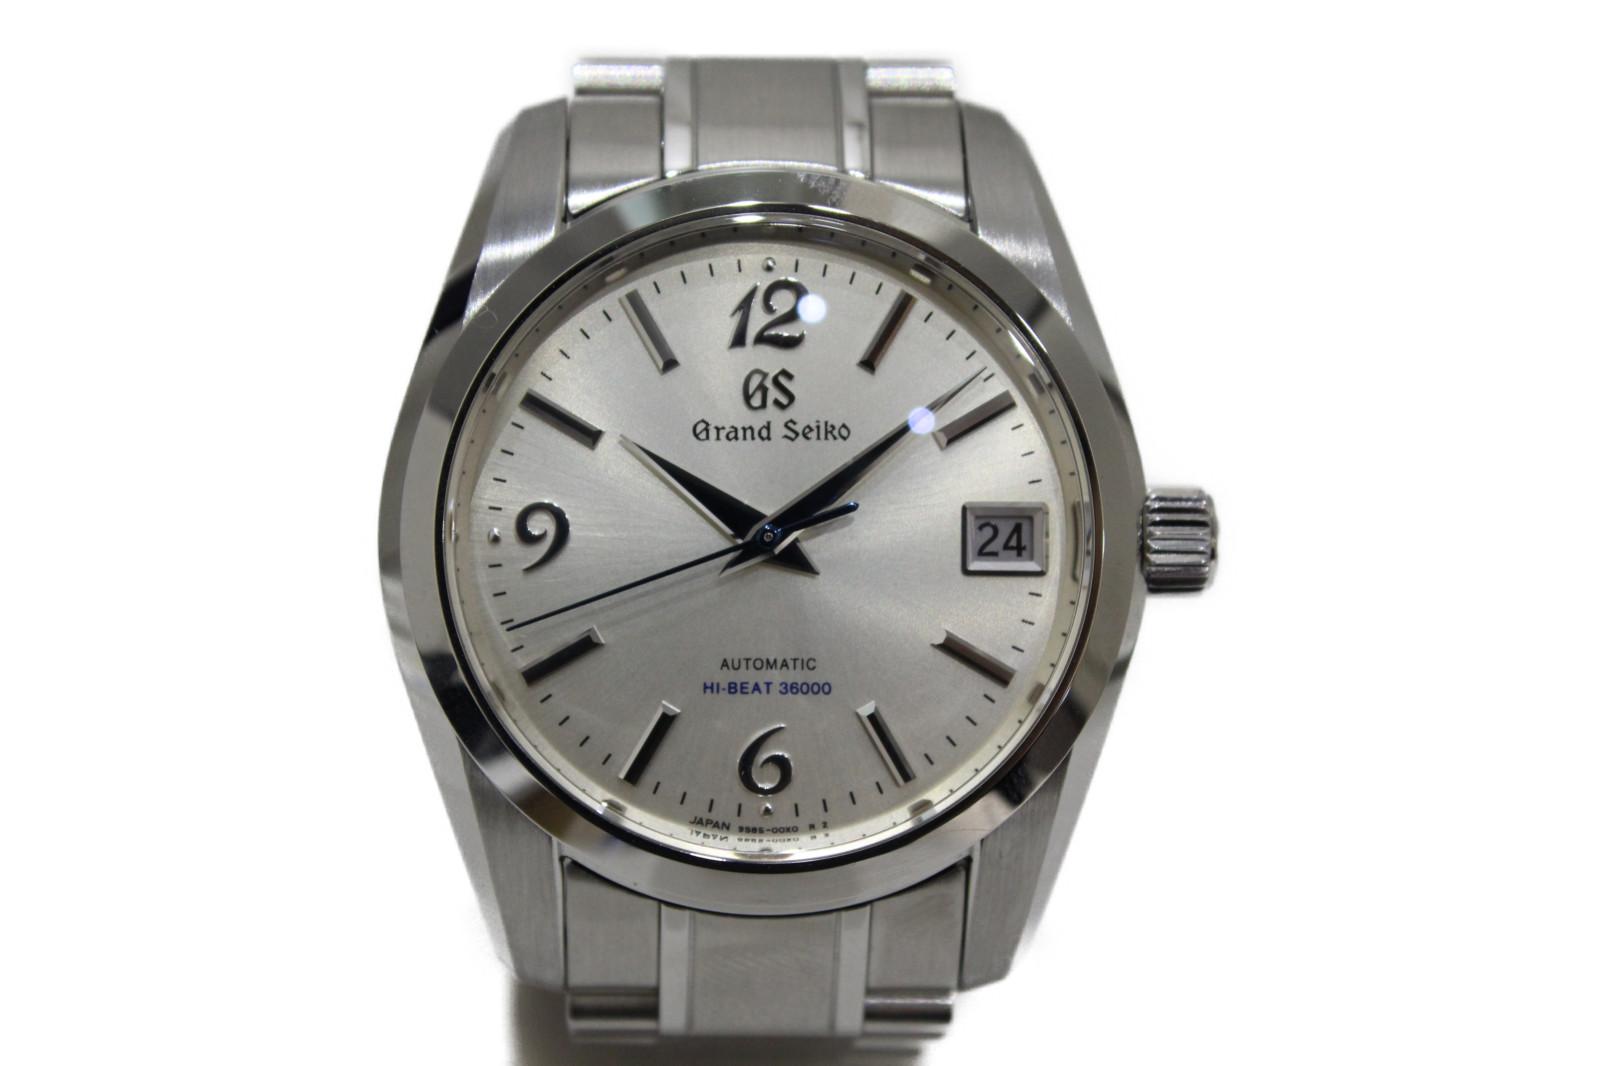 【銀座和光限定モデル】GRAND SEIKO グランドセイコー SBGH241 自動巻き デイト SS ステンレススチール シルバー メンズ 腕時計【中古】